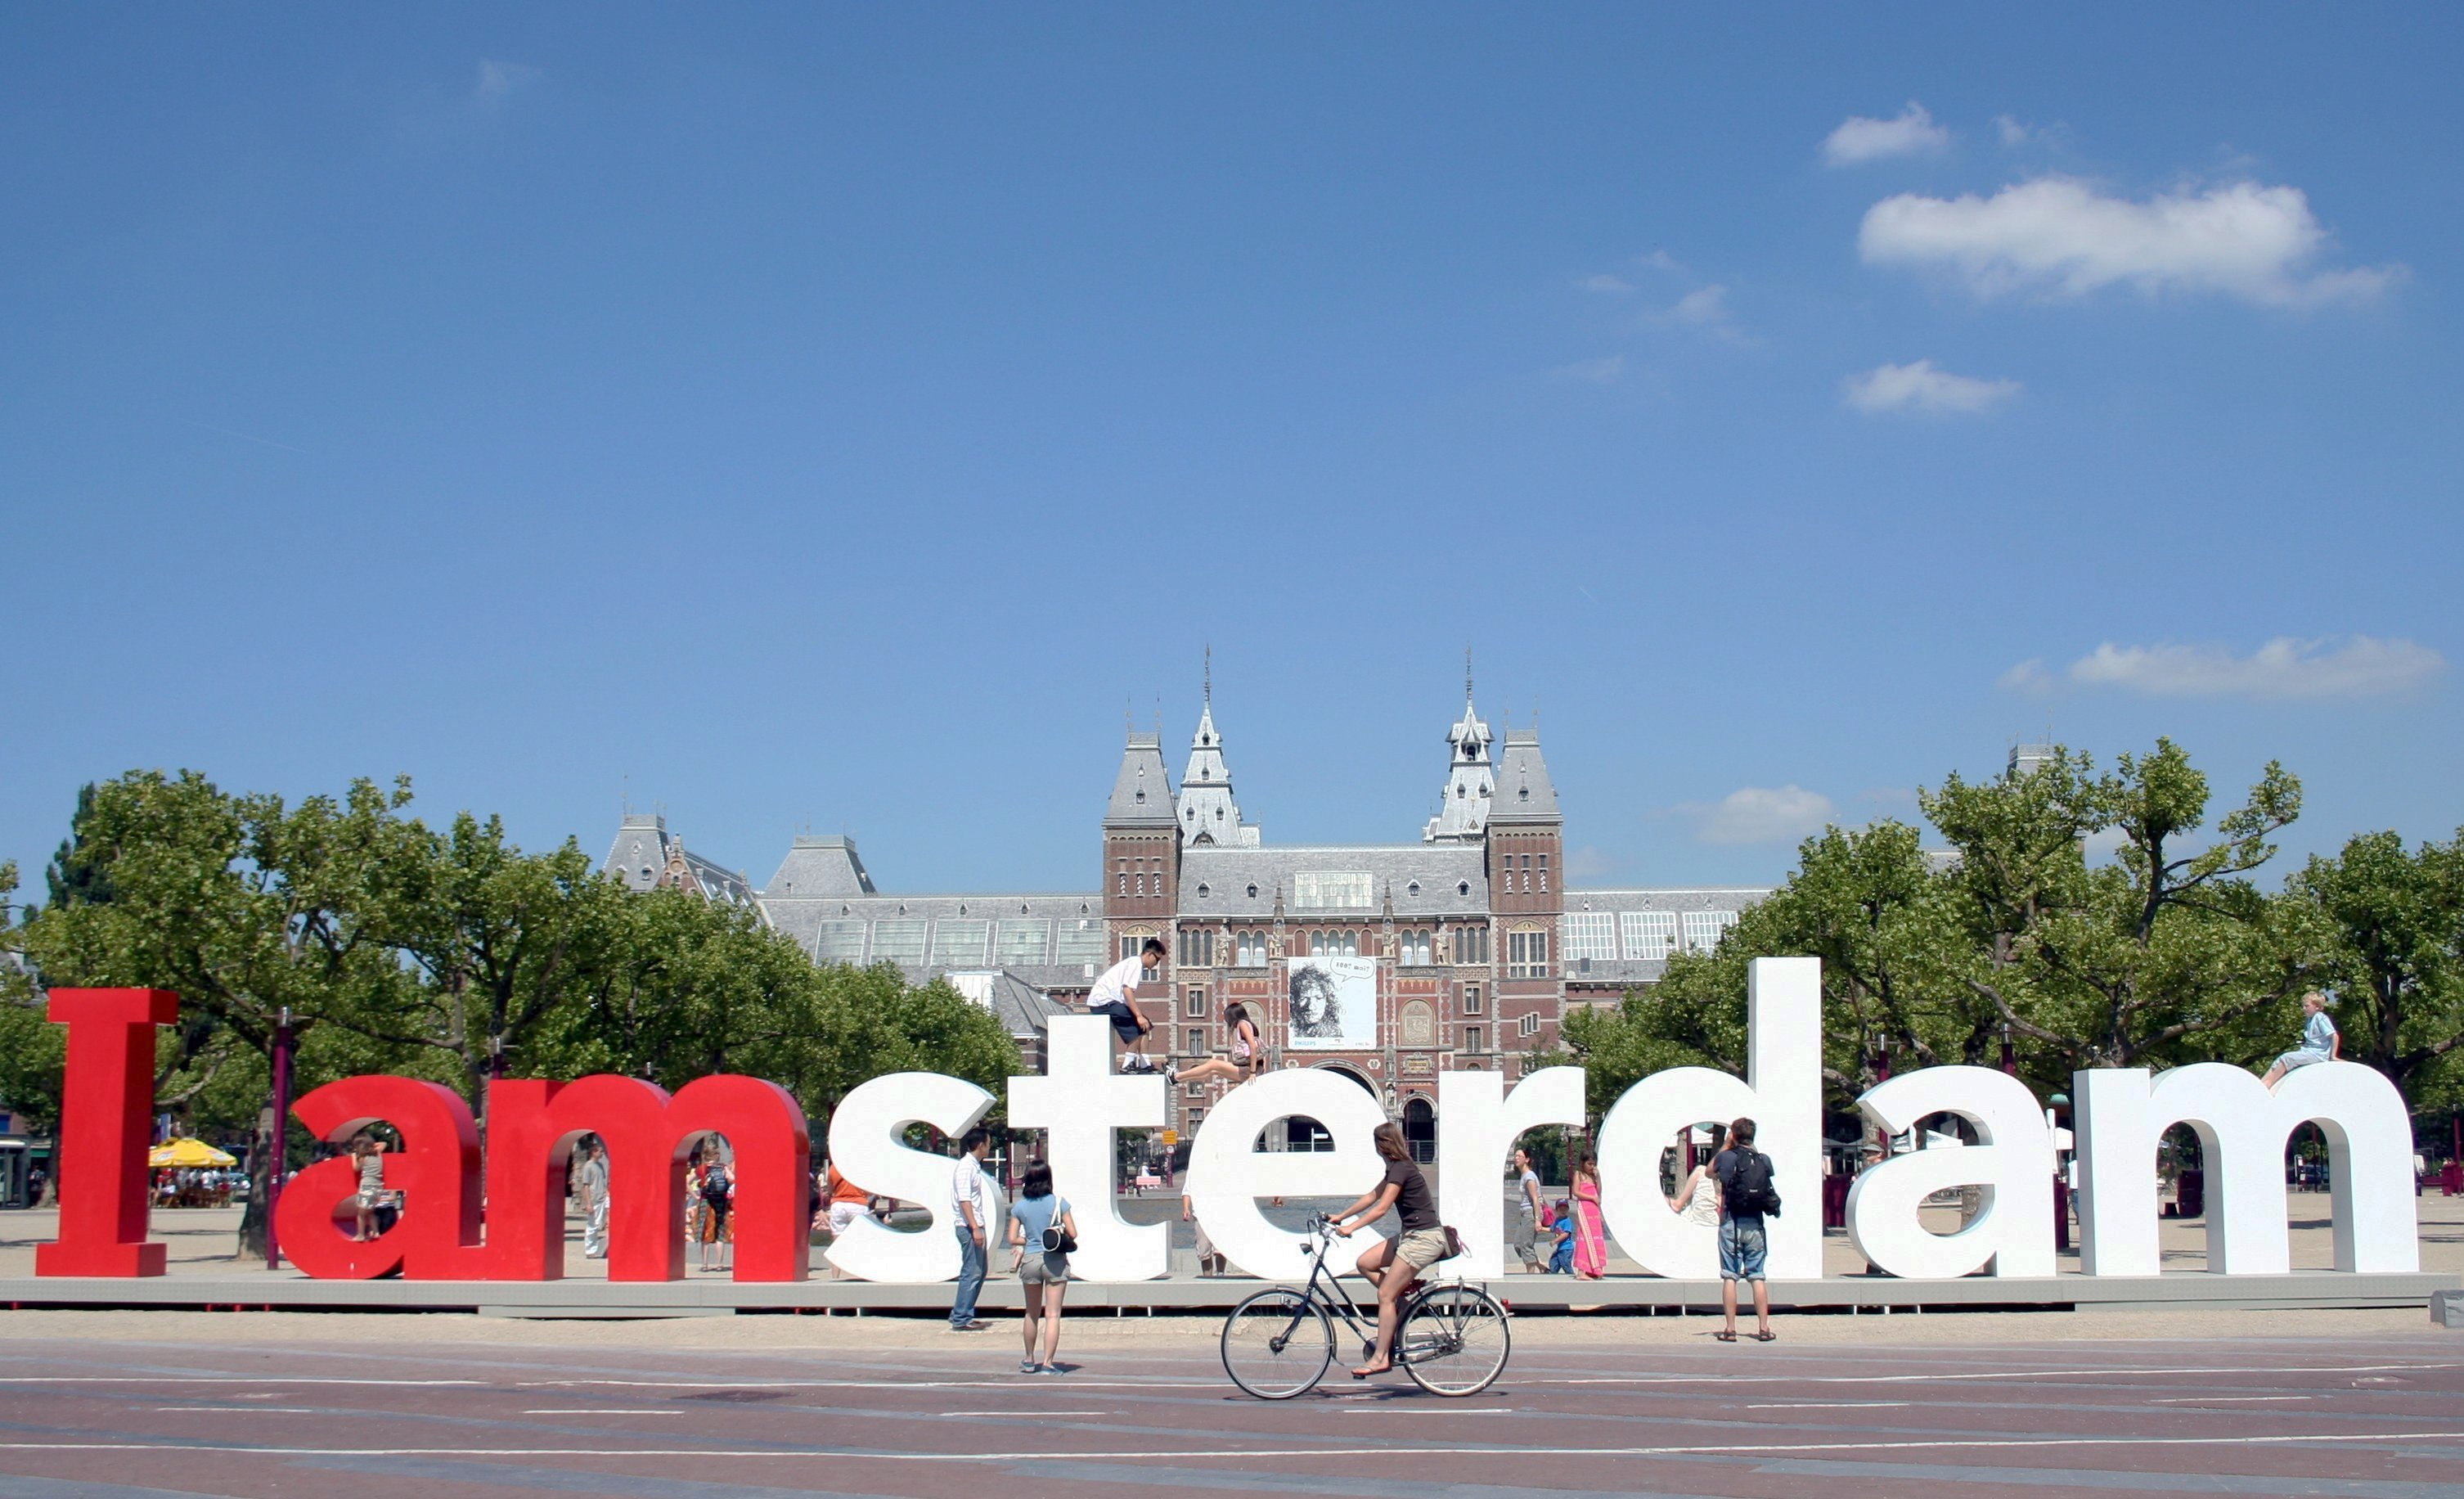 布鲁塞尔(Brussels) – 海牙(Den Haag)(或库肯霍夫花园(Keukenhof Garden) – 北海渔村(Volendam)